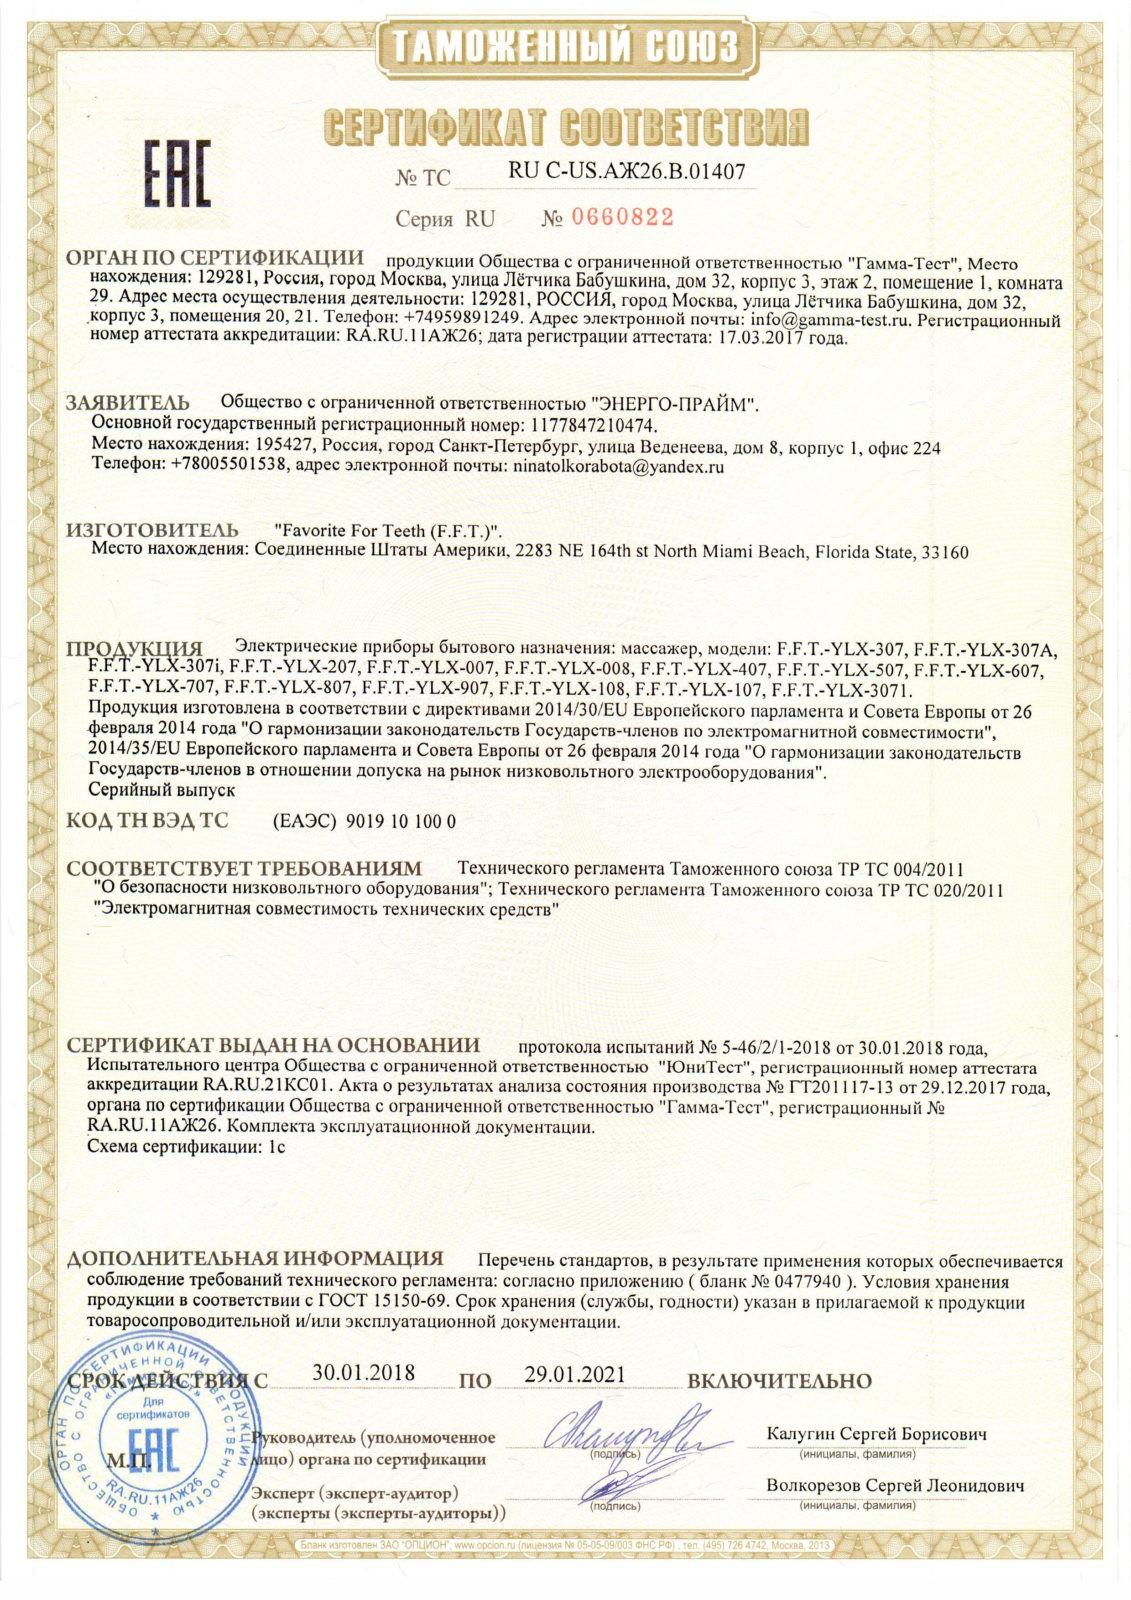 сертификат массажер массажера десен и пародонта зубов 307i, 3071